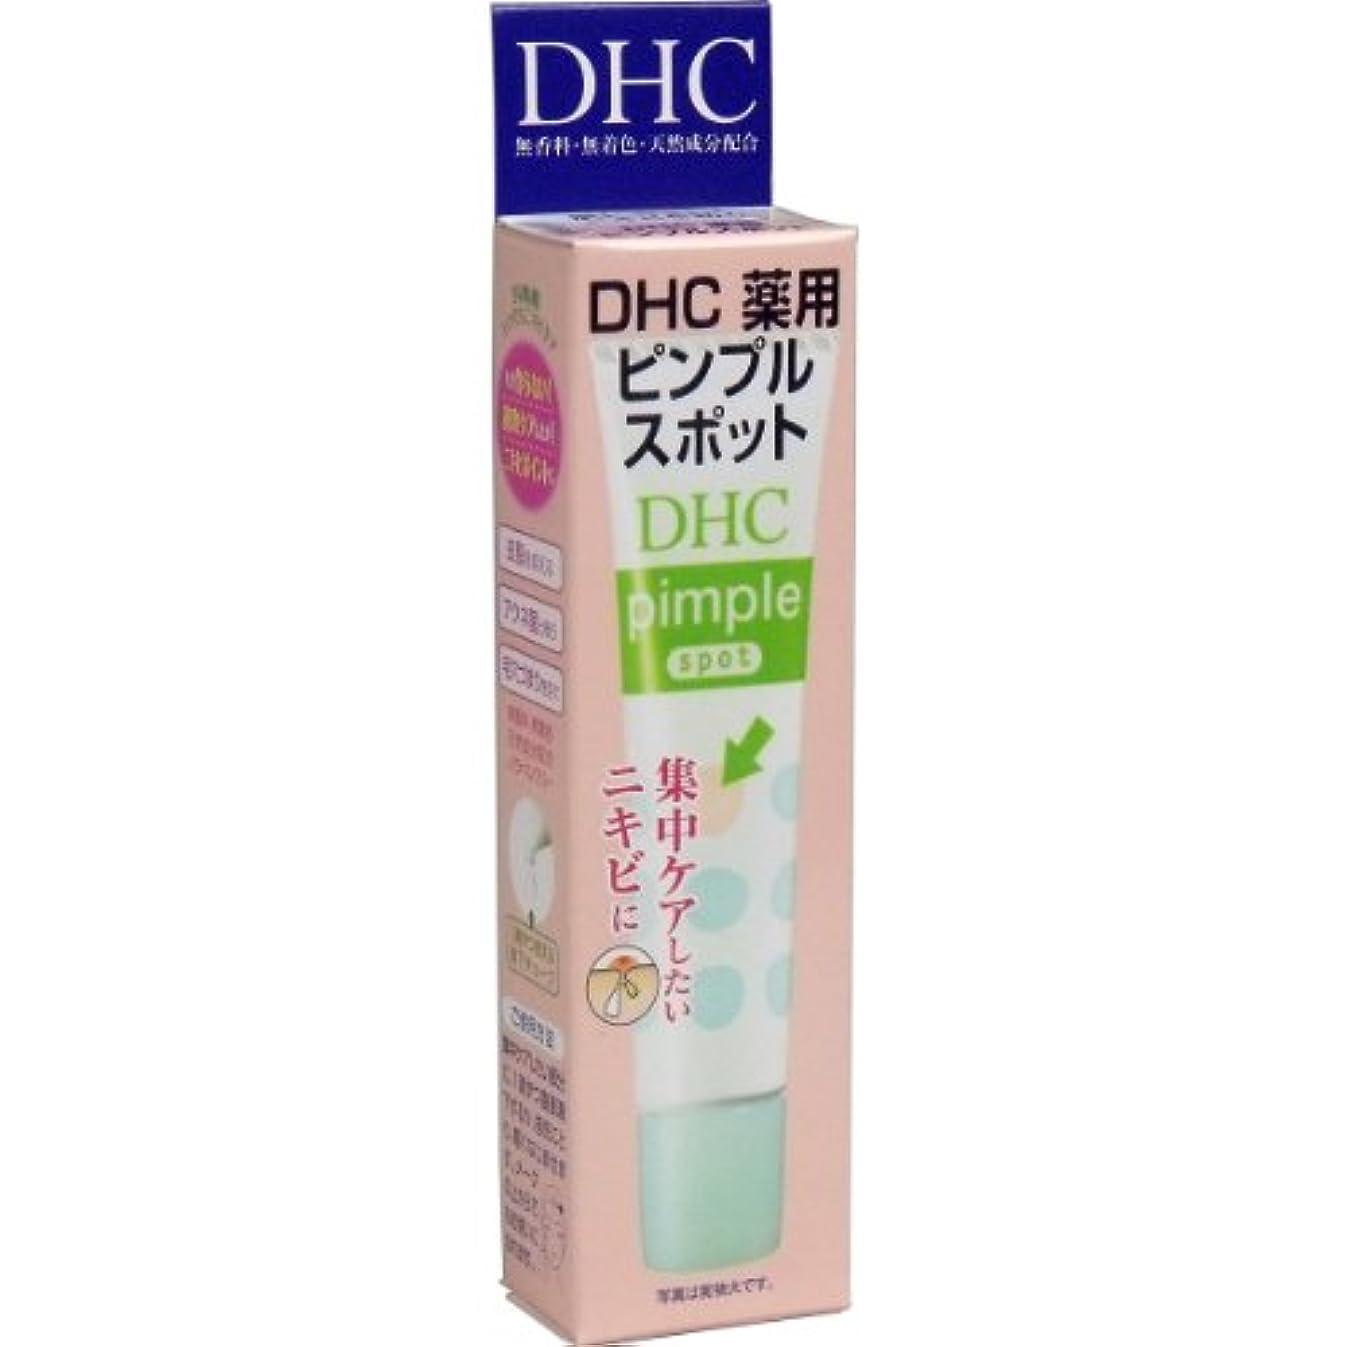 パンダくそーオーディションDHC 薬用ピンプルスポット 15ml